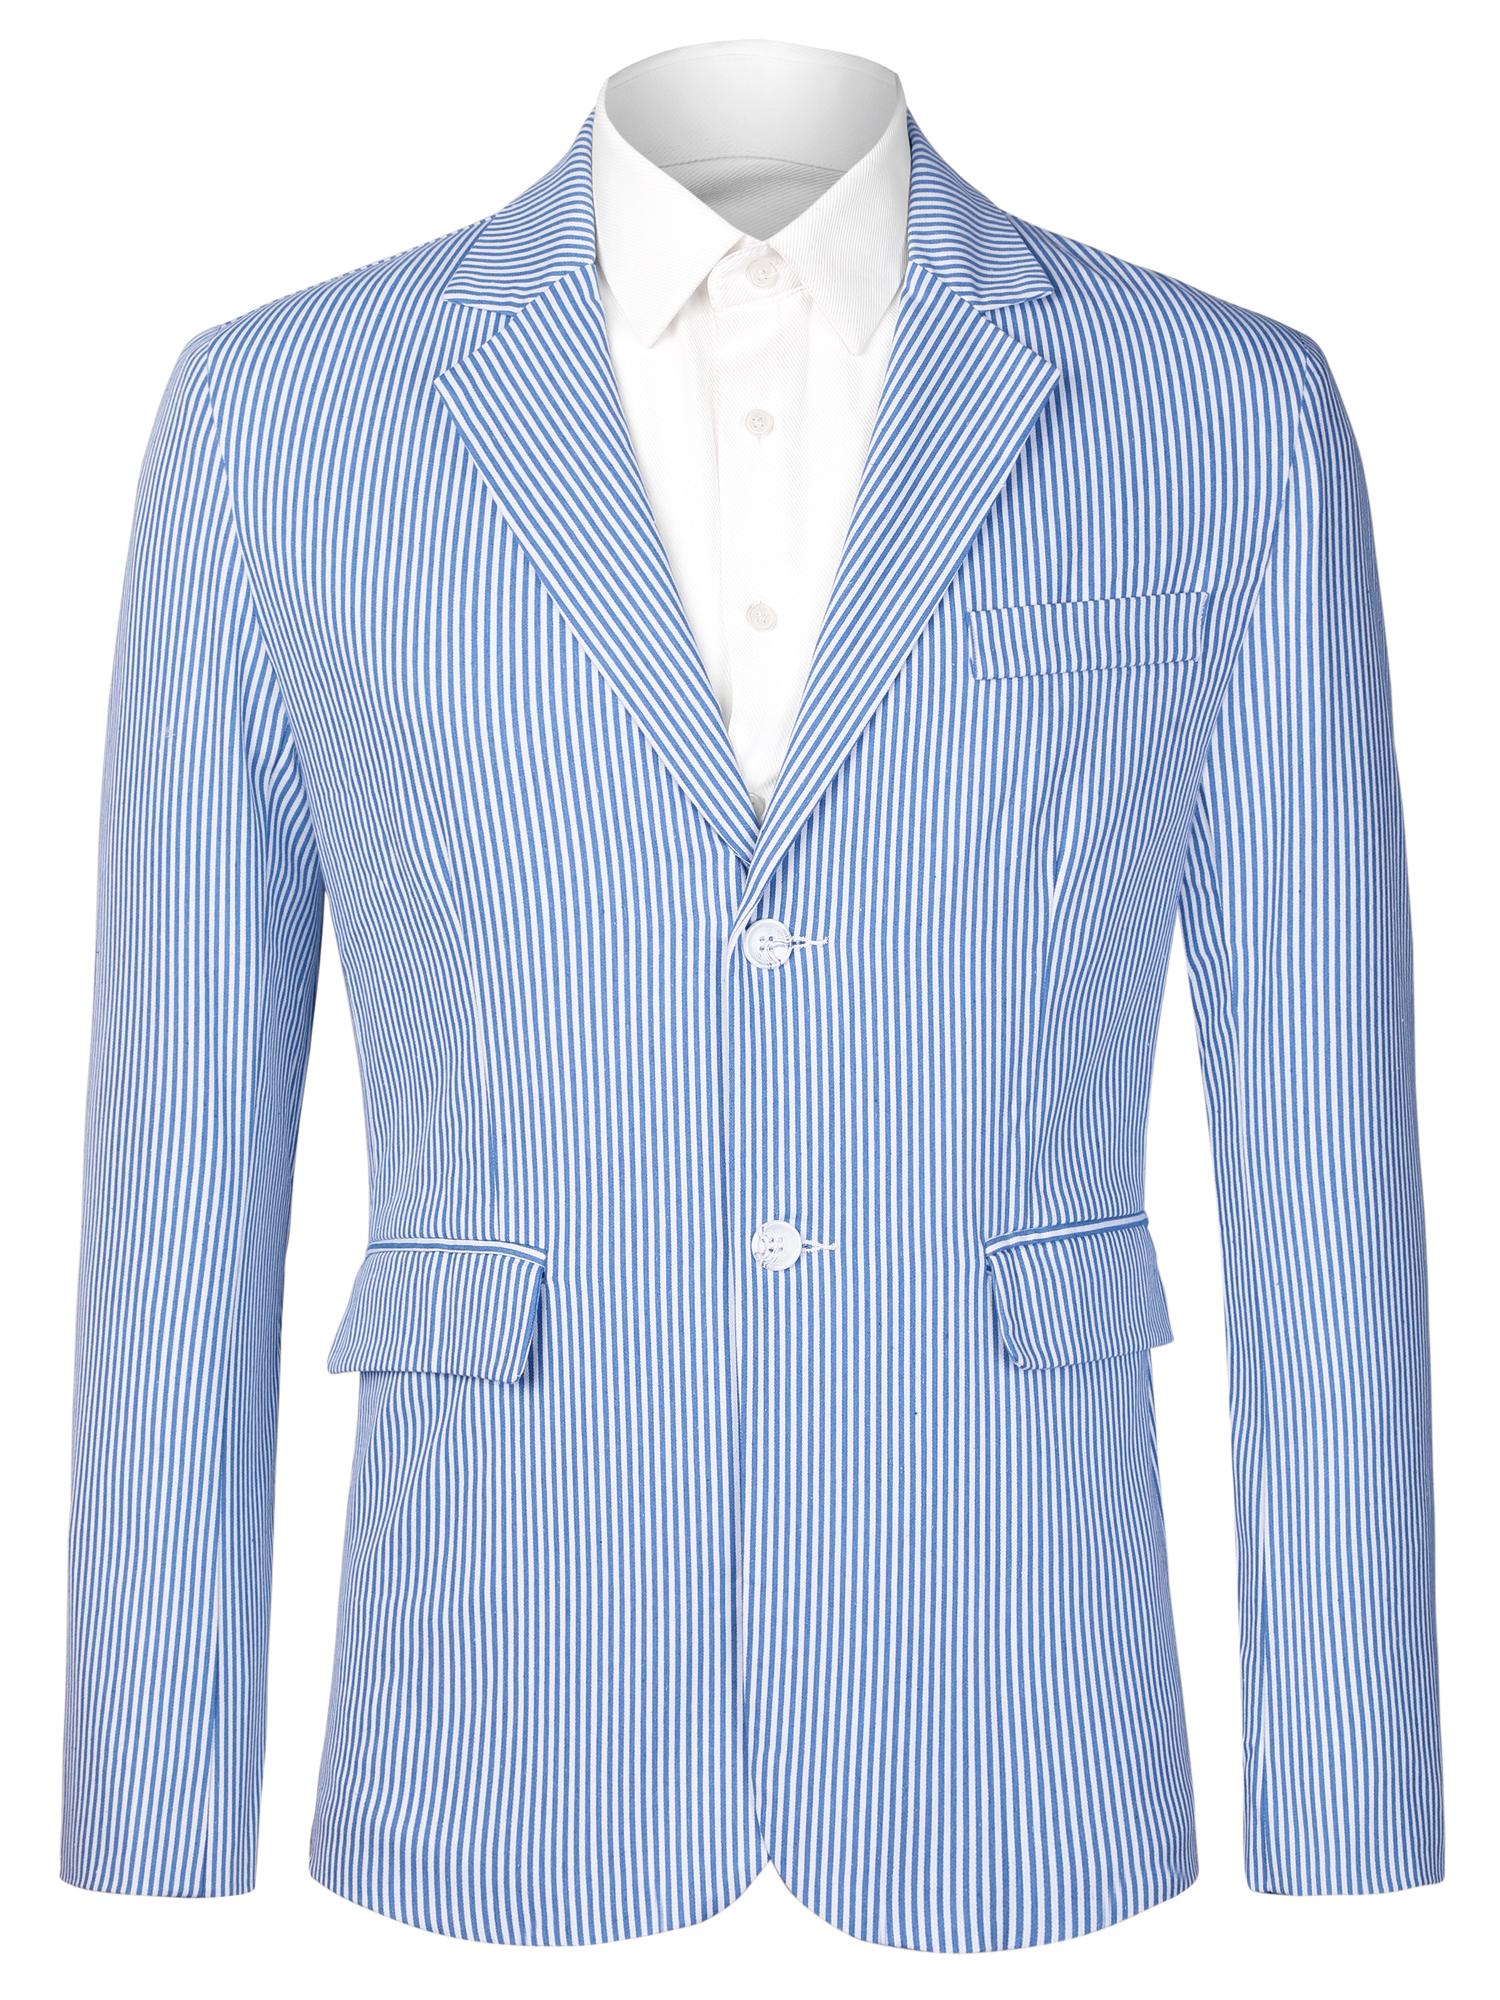 Men Two-Button Yarn-Dyed Stripes Blazer Blue White L